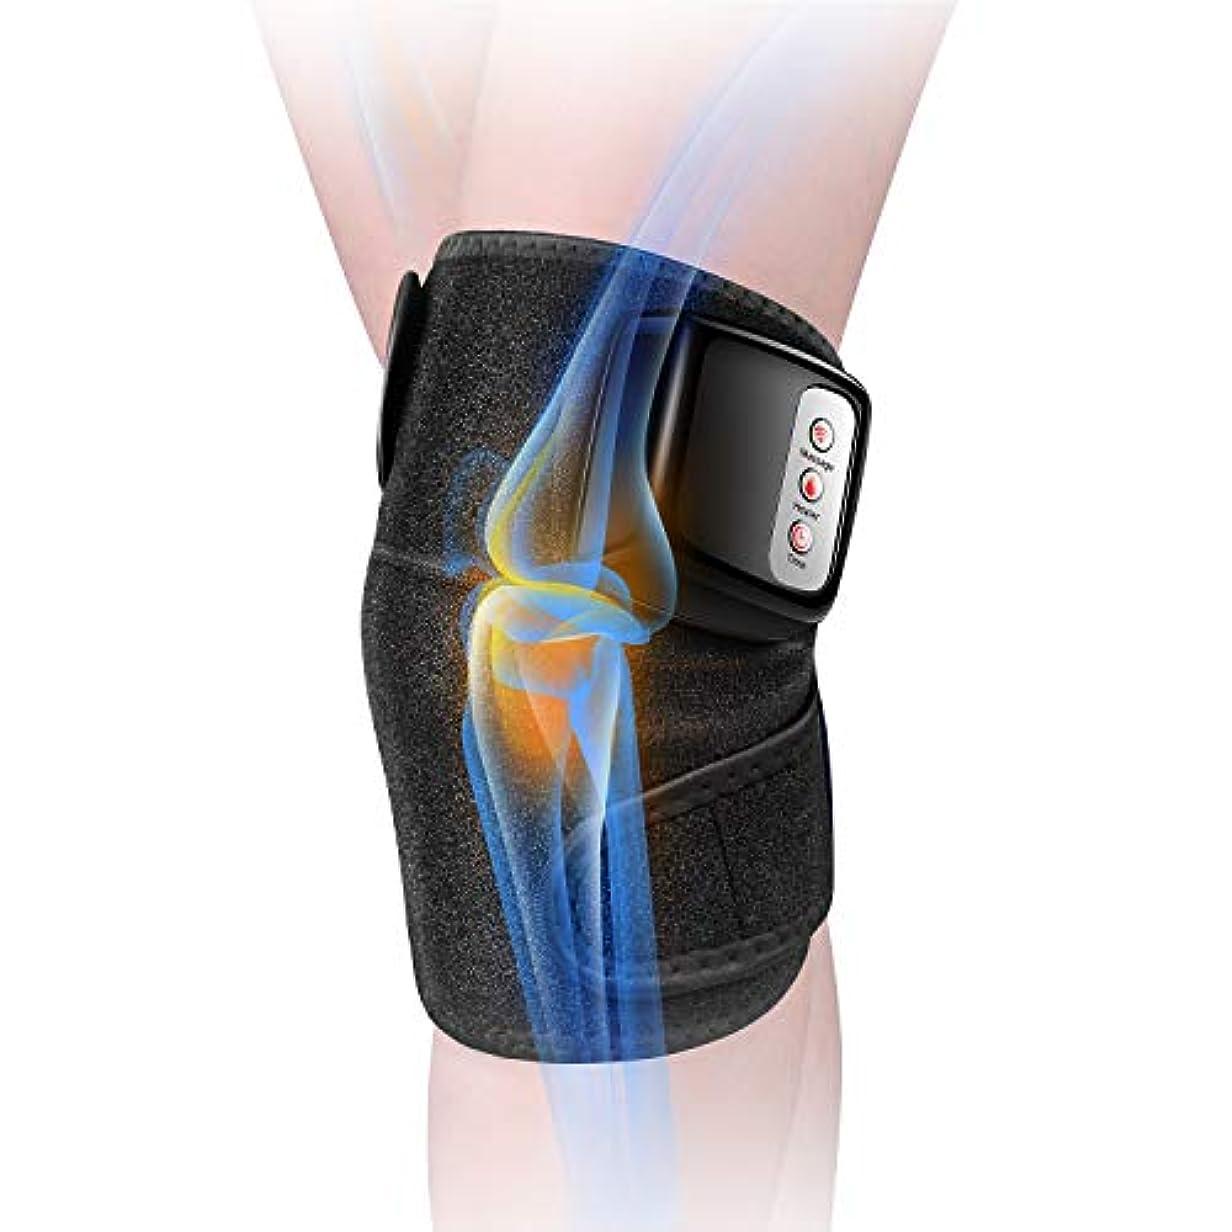 裁判所スラムお別れ膝マッサージャー 関節マッサージャー マッサージ器 フットマッサージャー 振動 赤外線療法 温熱療法 膝サポーター ストレス解消 肩 太もも/腕対応